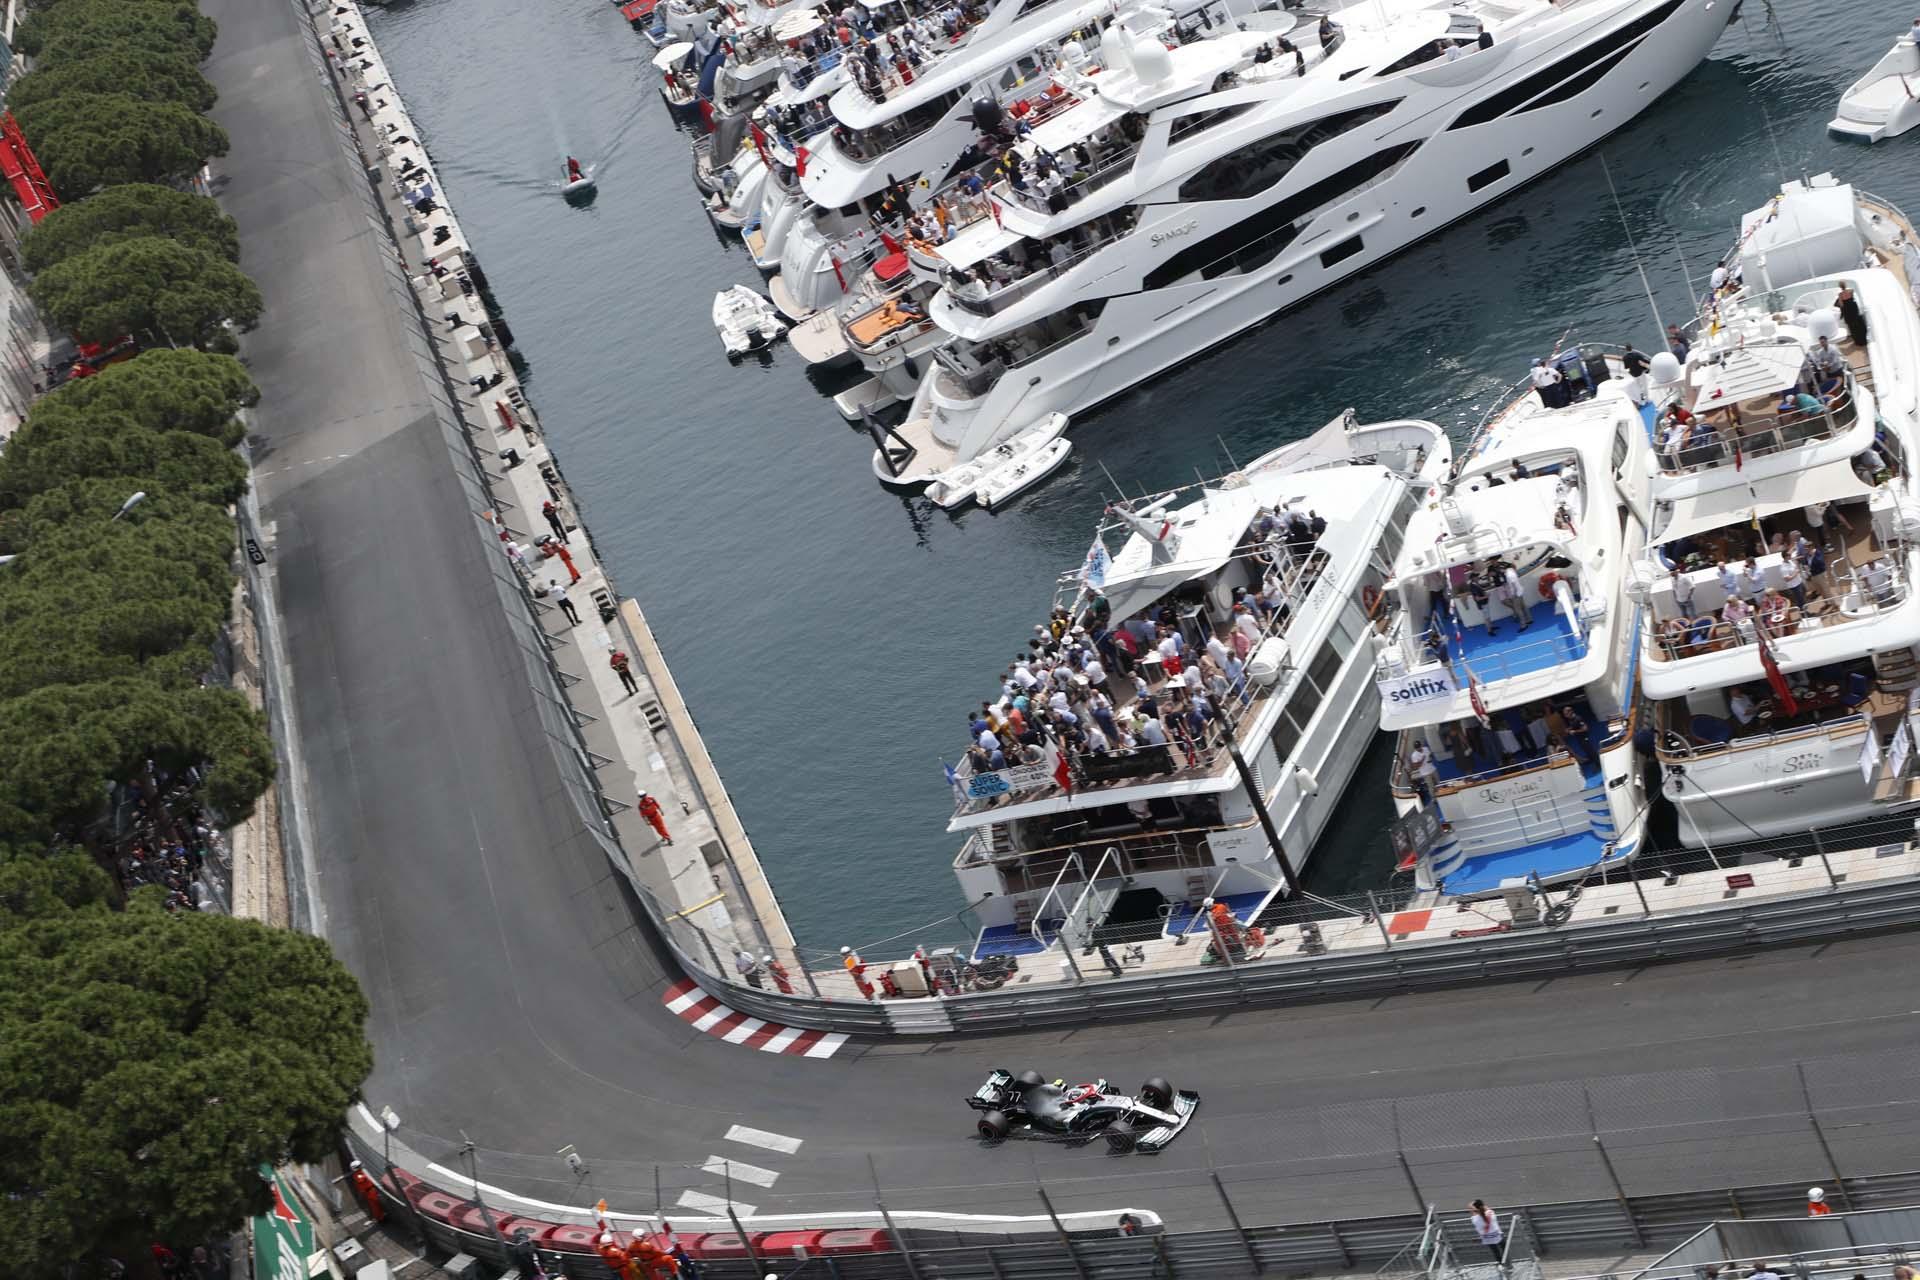 Großer Preis von Monaco 2019, Samstag - Wolfgang Wilhelm